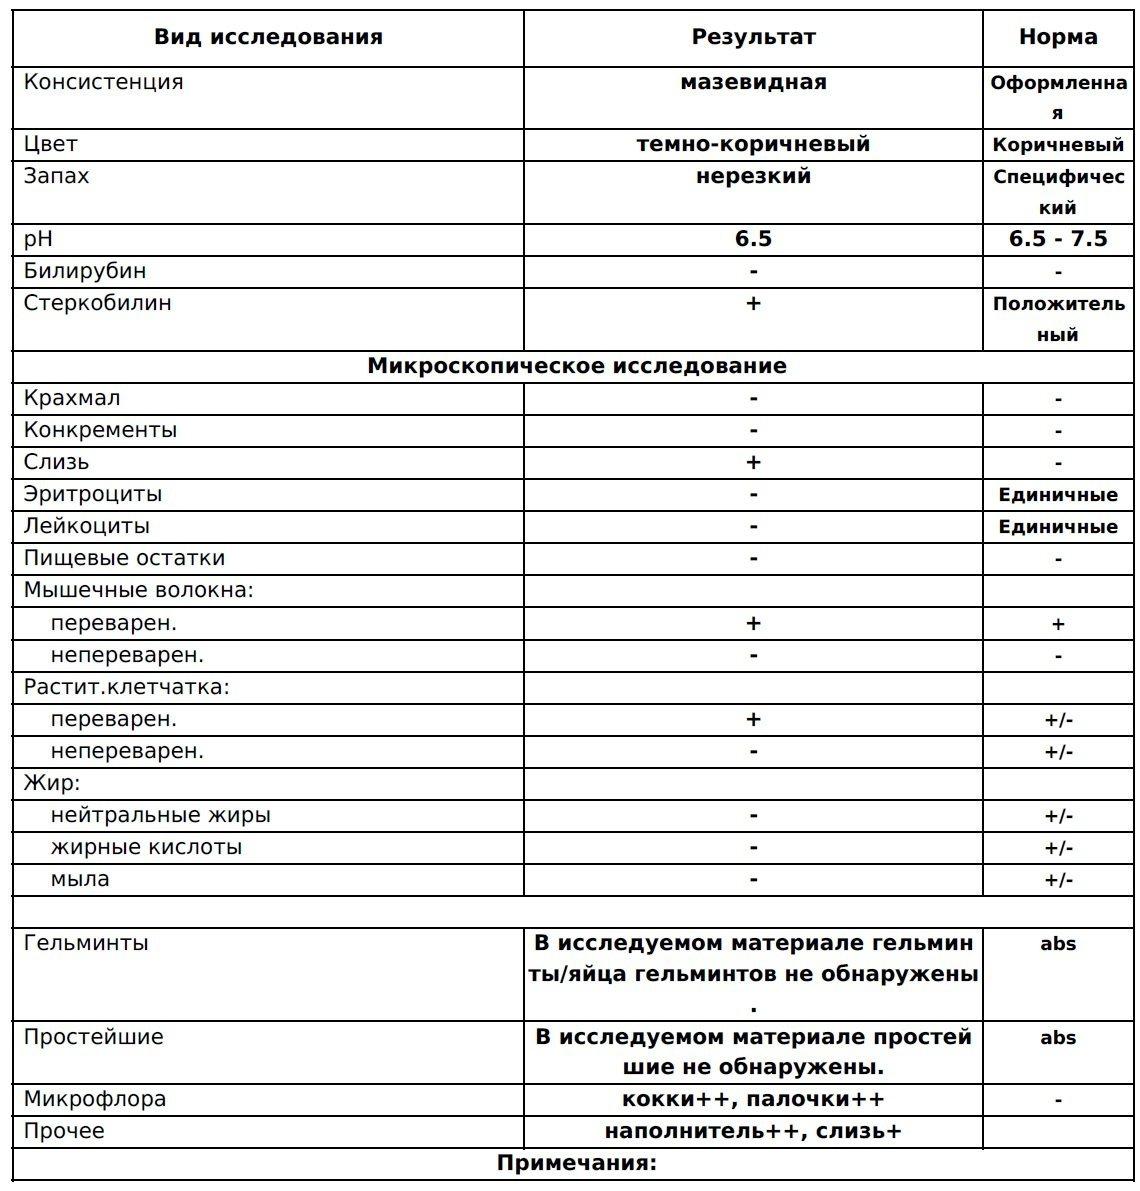 Расшифровка анализа крови re медицинская справка водителя полежаевская